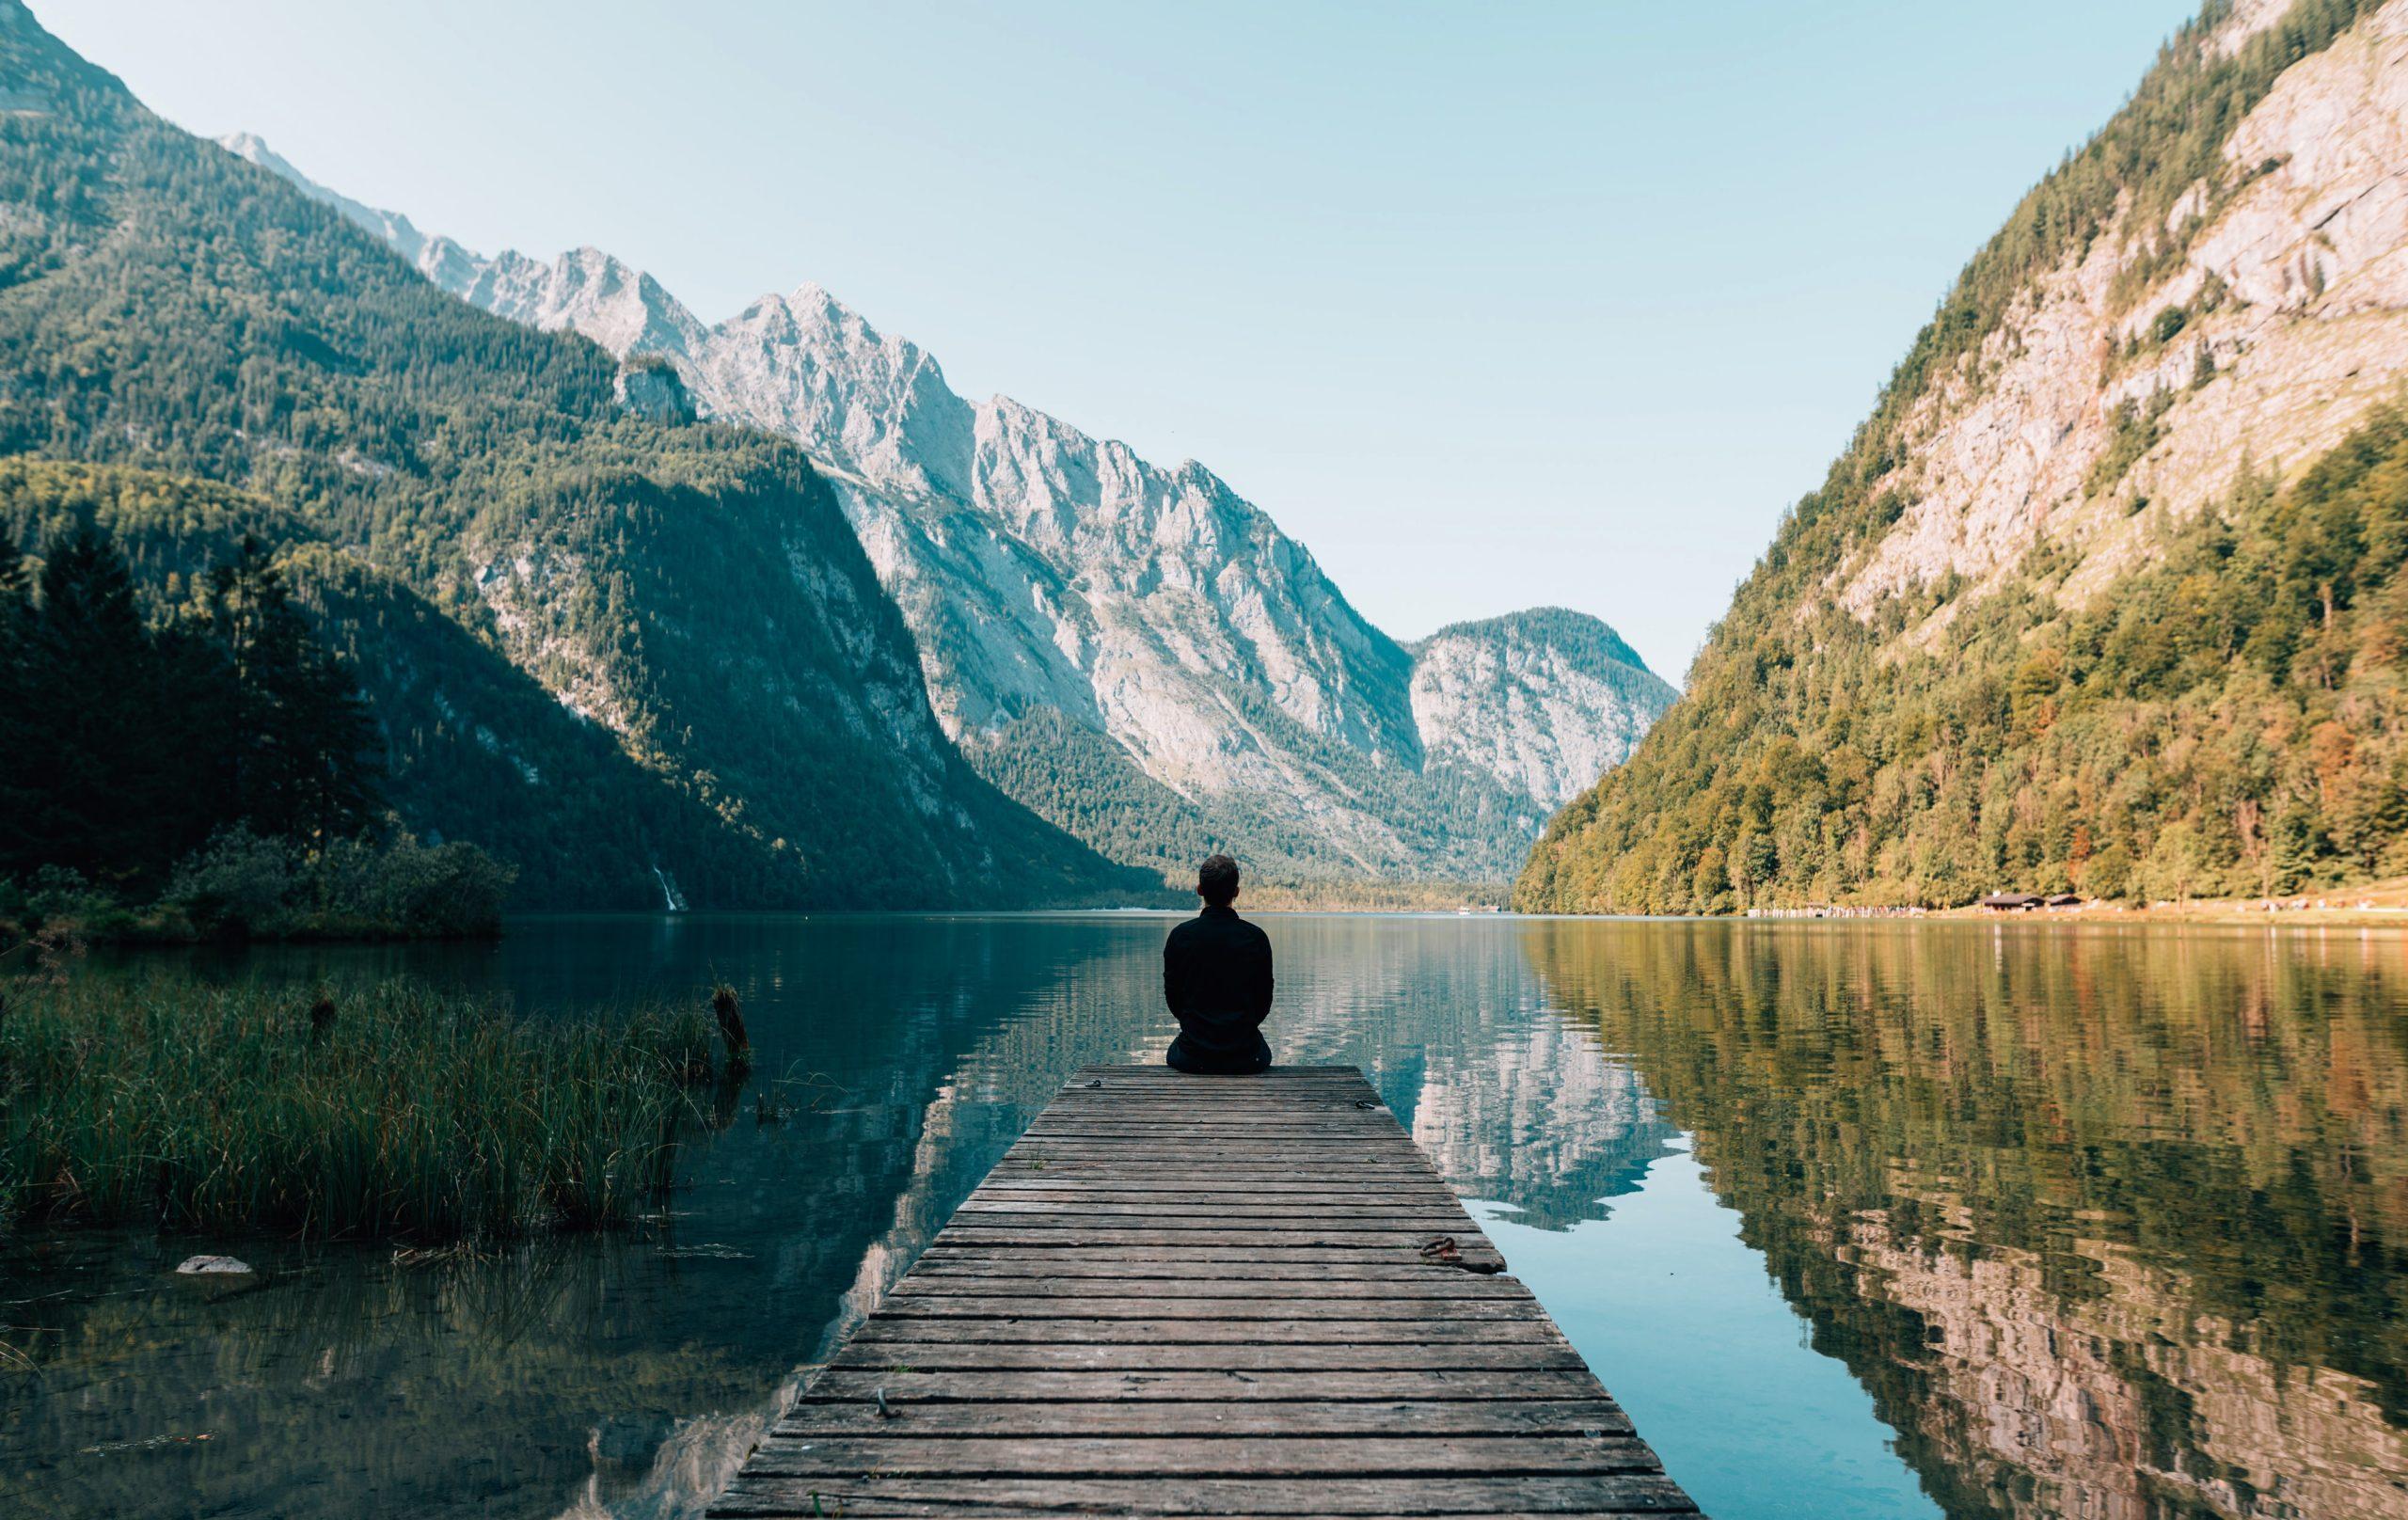 La meditazione come chiave per aumentare la concentrazione, la capacità cognitiva e la produttività – suggerimenti per ridurre lo stress e facilitare il sonno